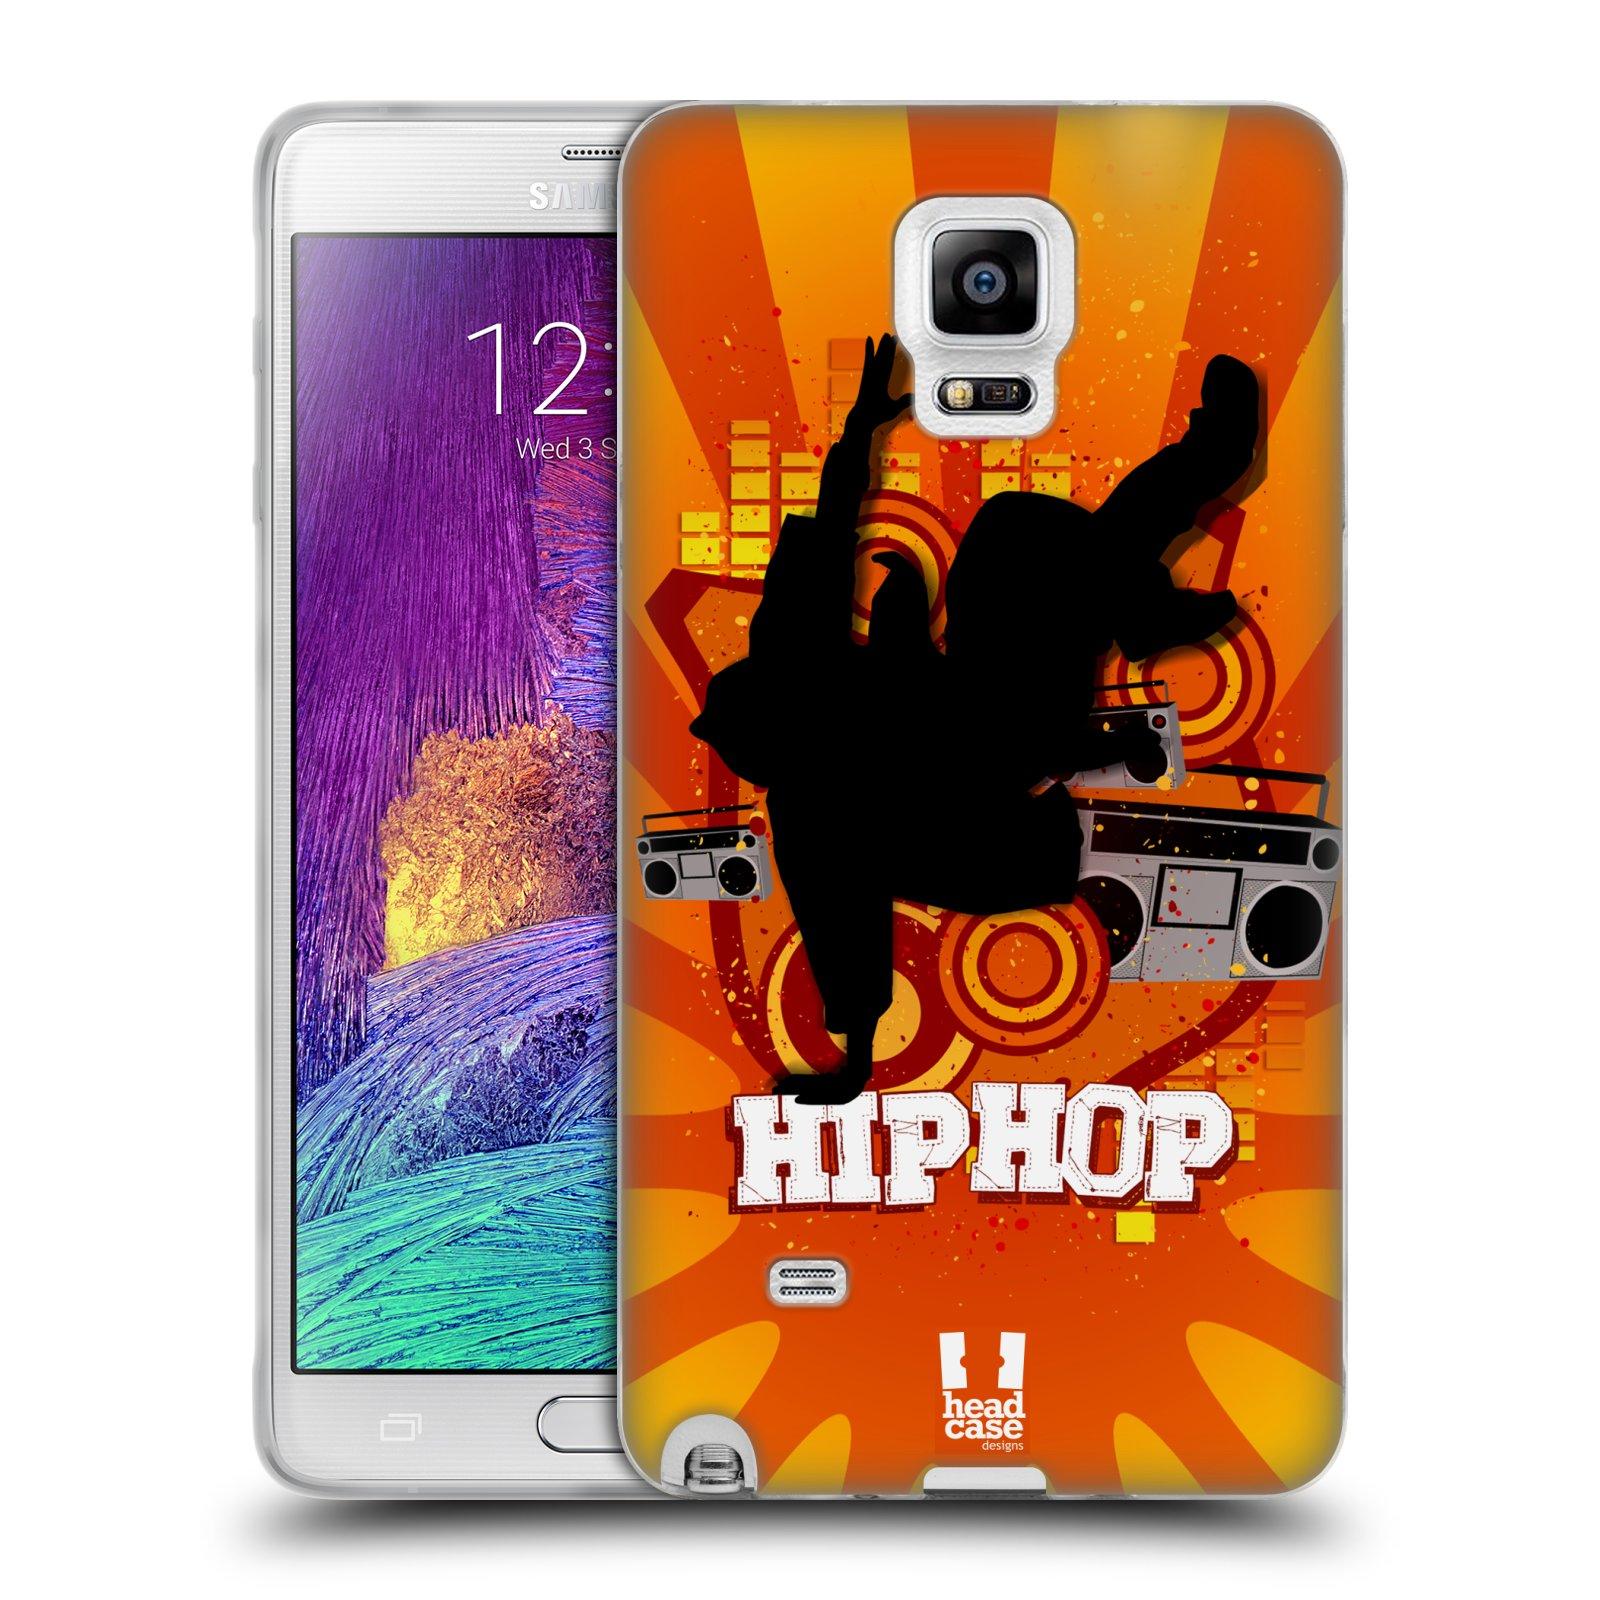 HEAD CASE silikonový obal na mobil Samsung Galaxy Note 4 (N910) vzor TANEC SILUETA HIP HOP